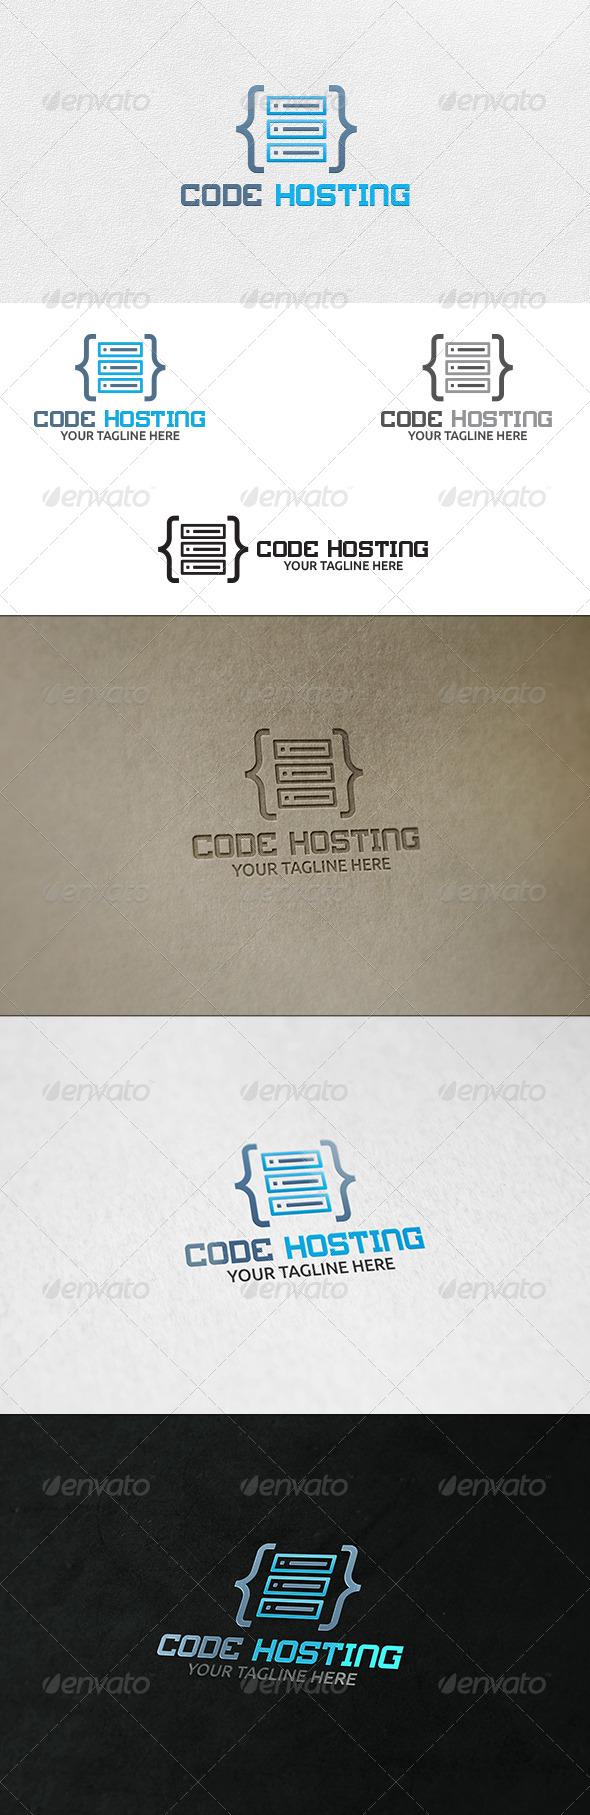 GraphicRiver Code Hosting Server Logo Template 6666495